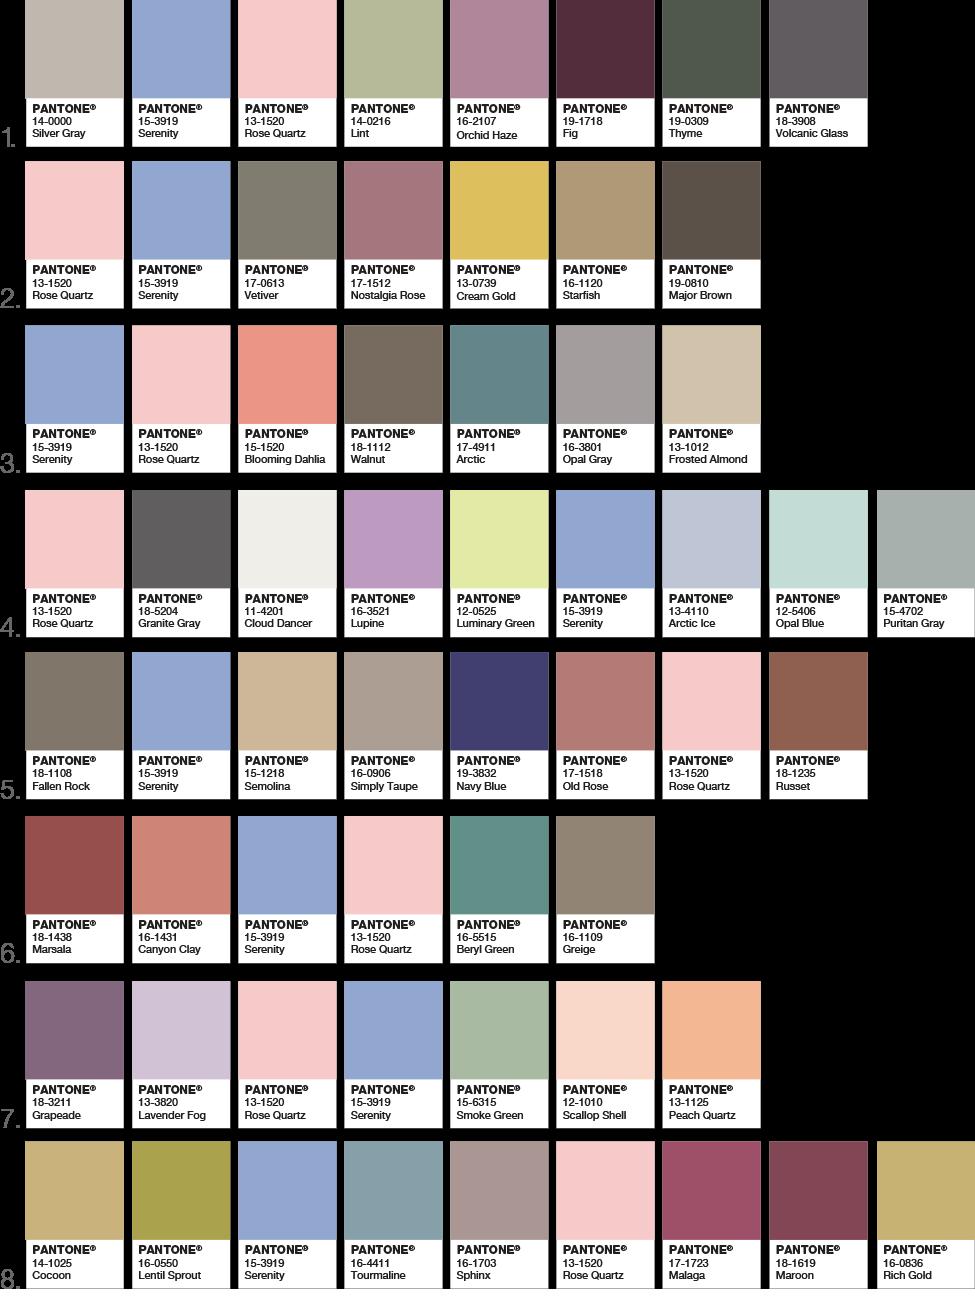 Pantone Colors of 2016